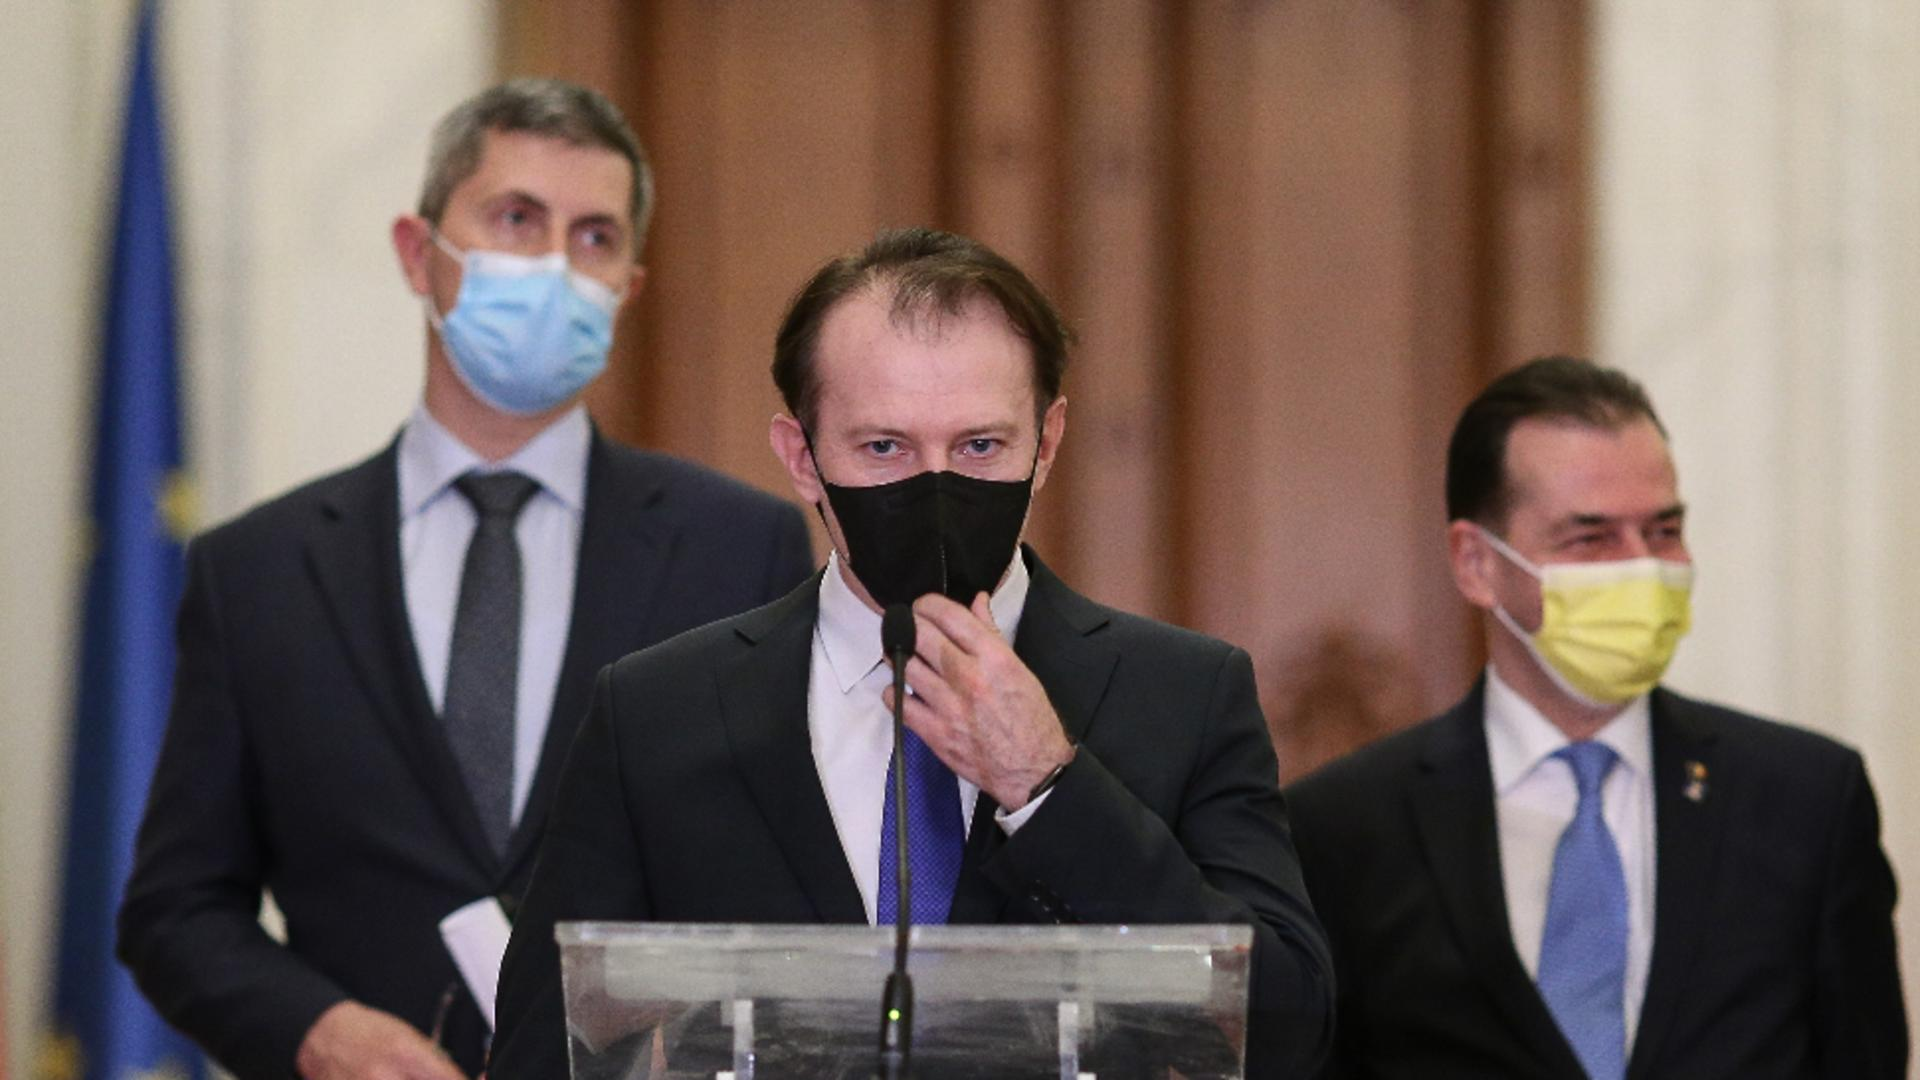 Surse: Cîțu va demite miniștrii USR dacă susțin moțiunea / Foto: Inquam Photos